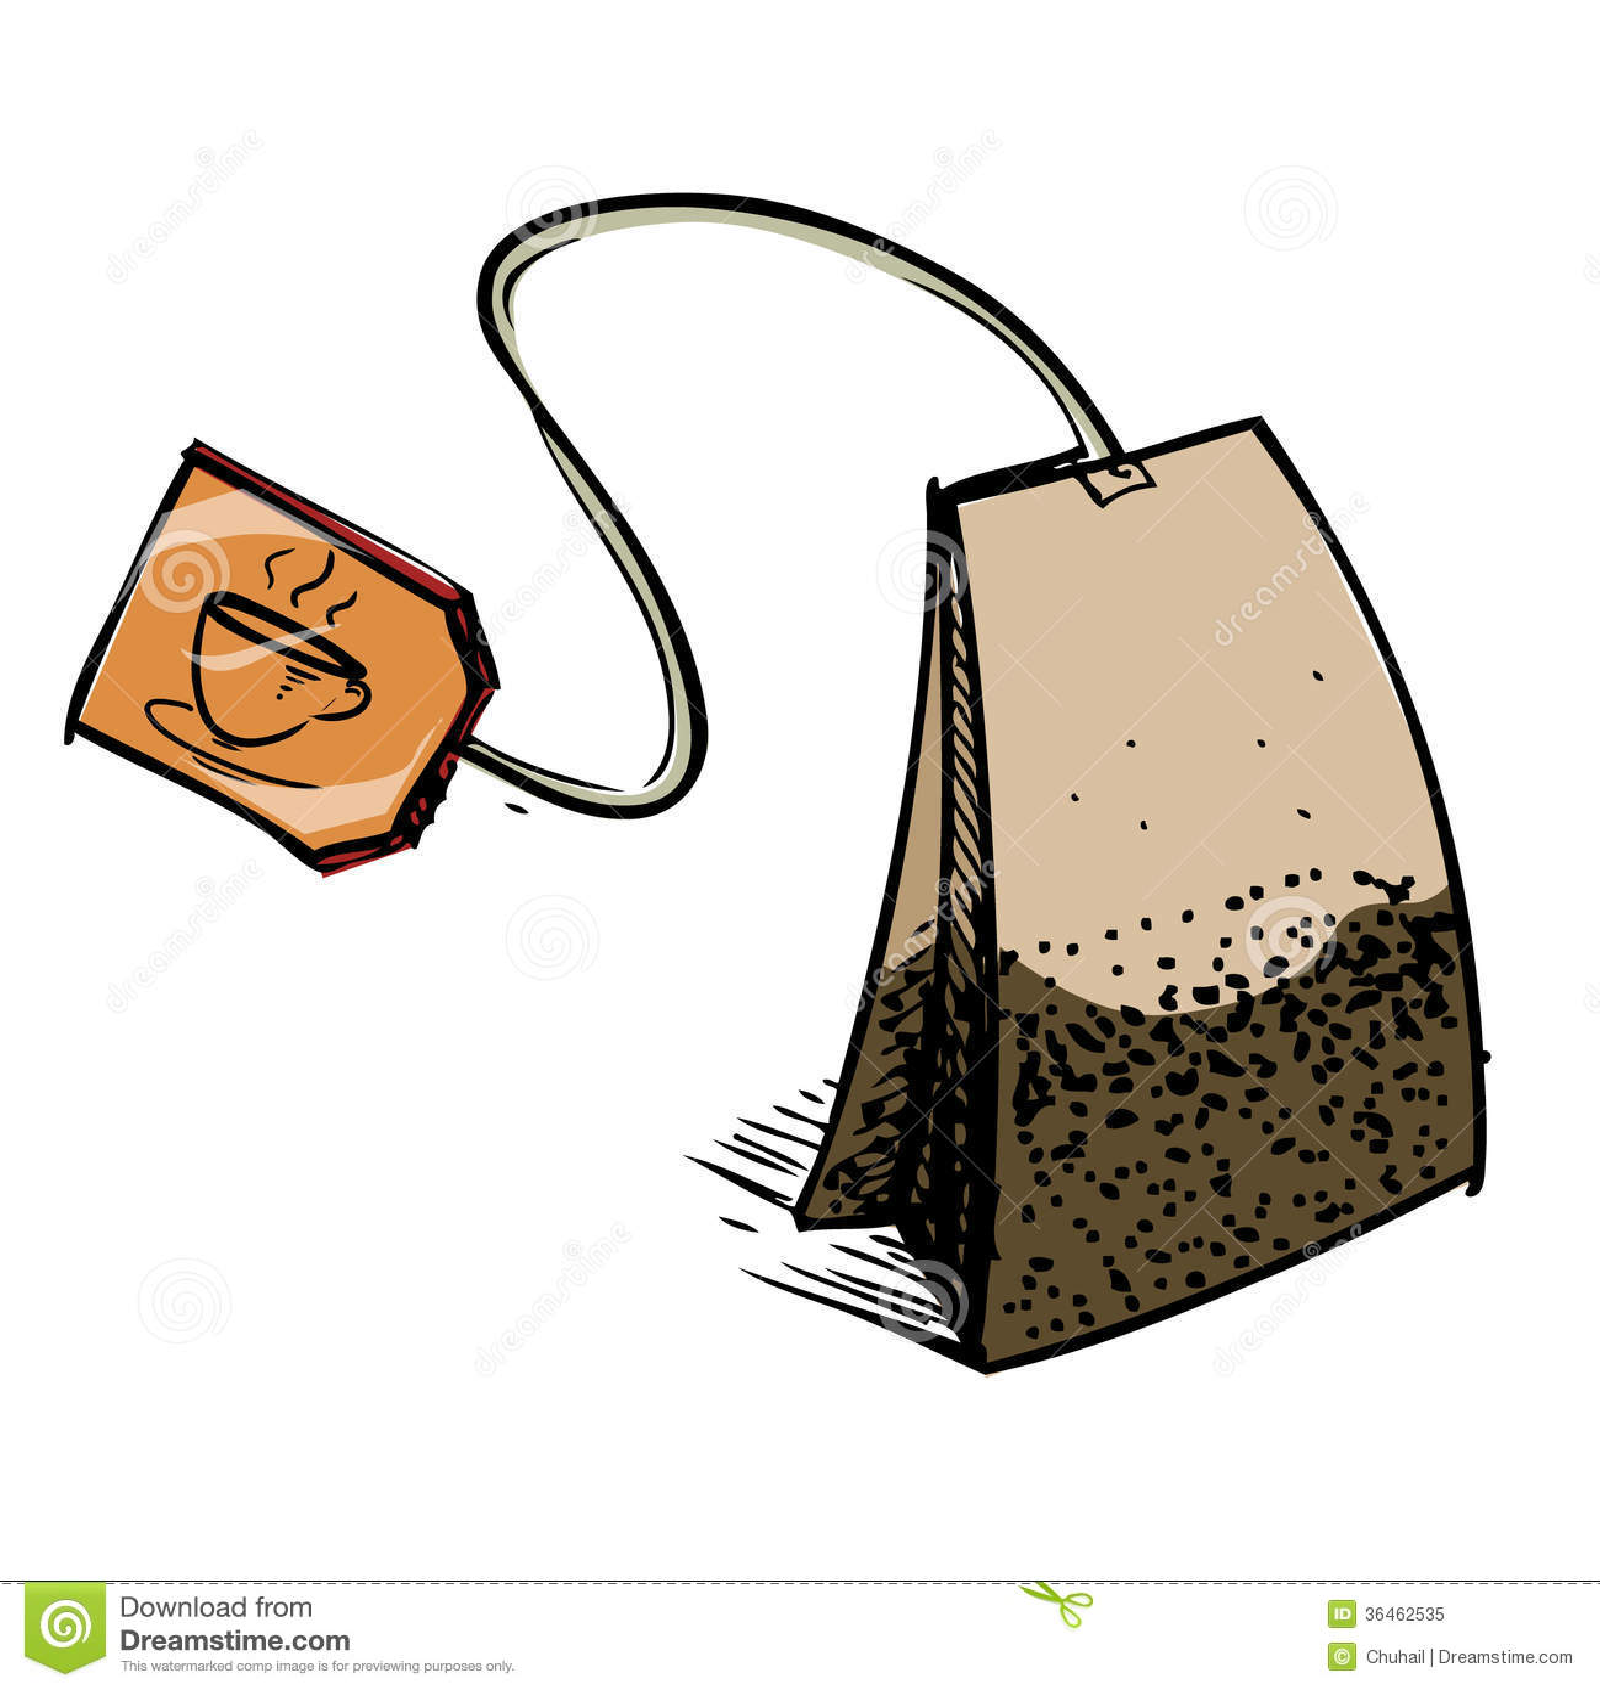 clip art tea bag - photo #42